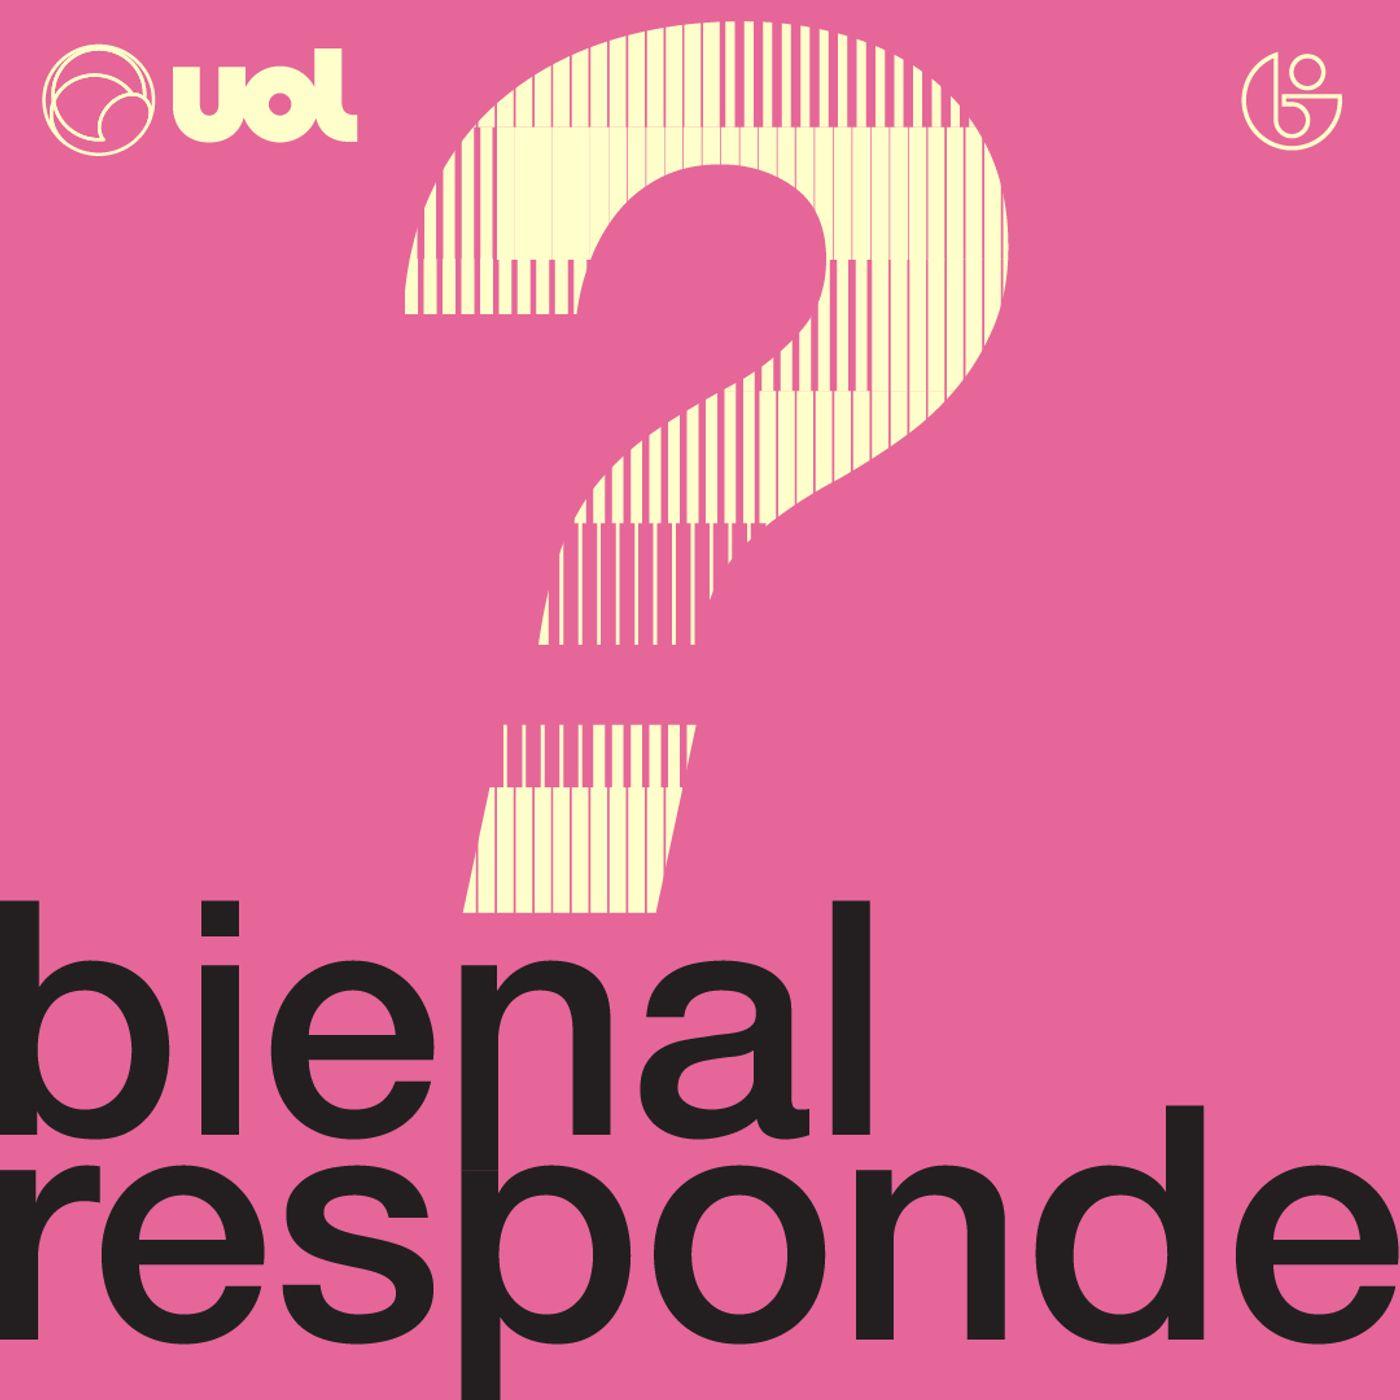 Bônus: 'Já teve roubo na mostra?' Bienal responde a esta e outras perguntas